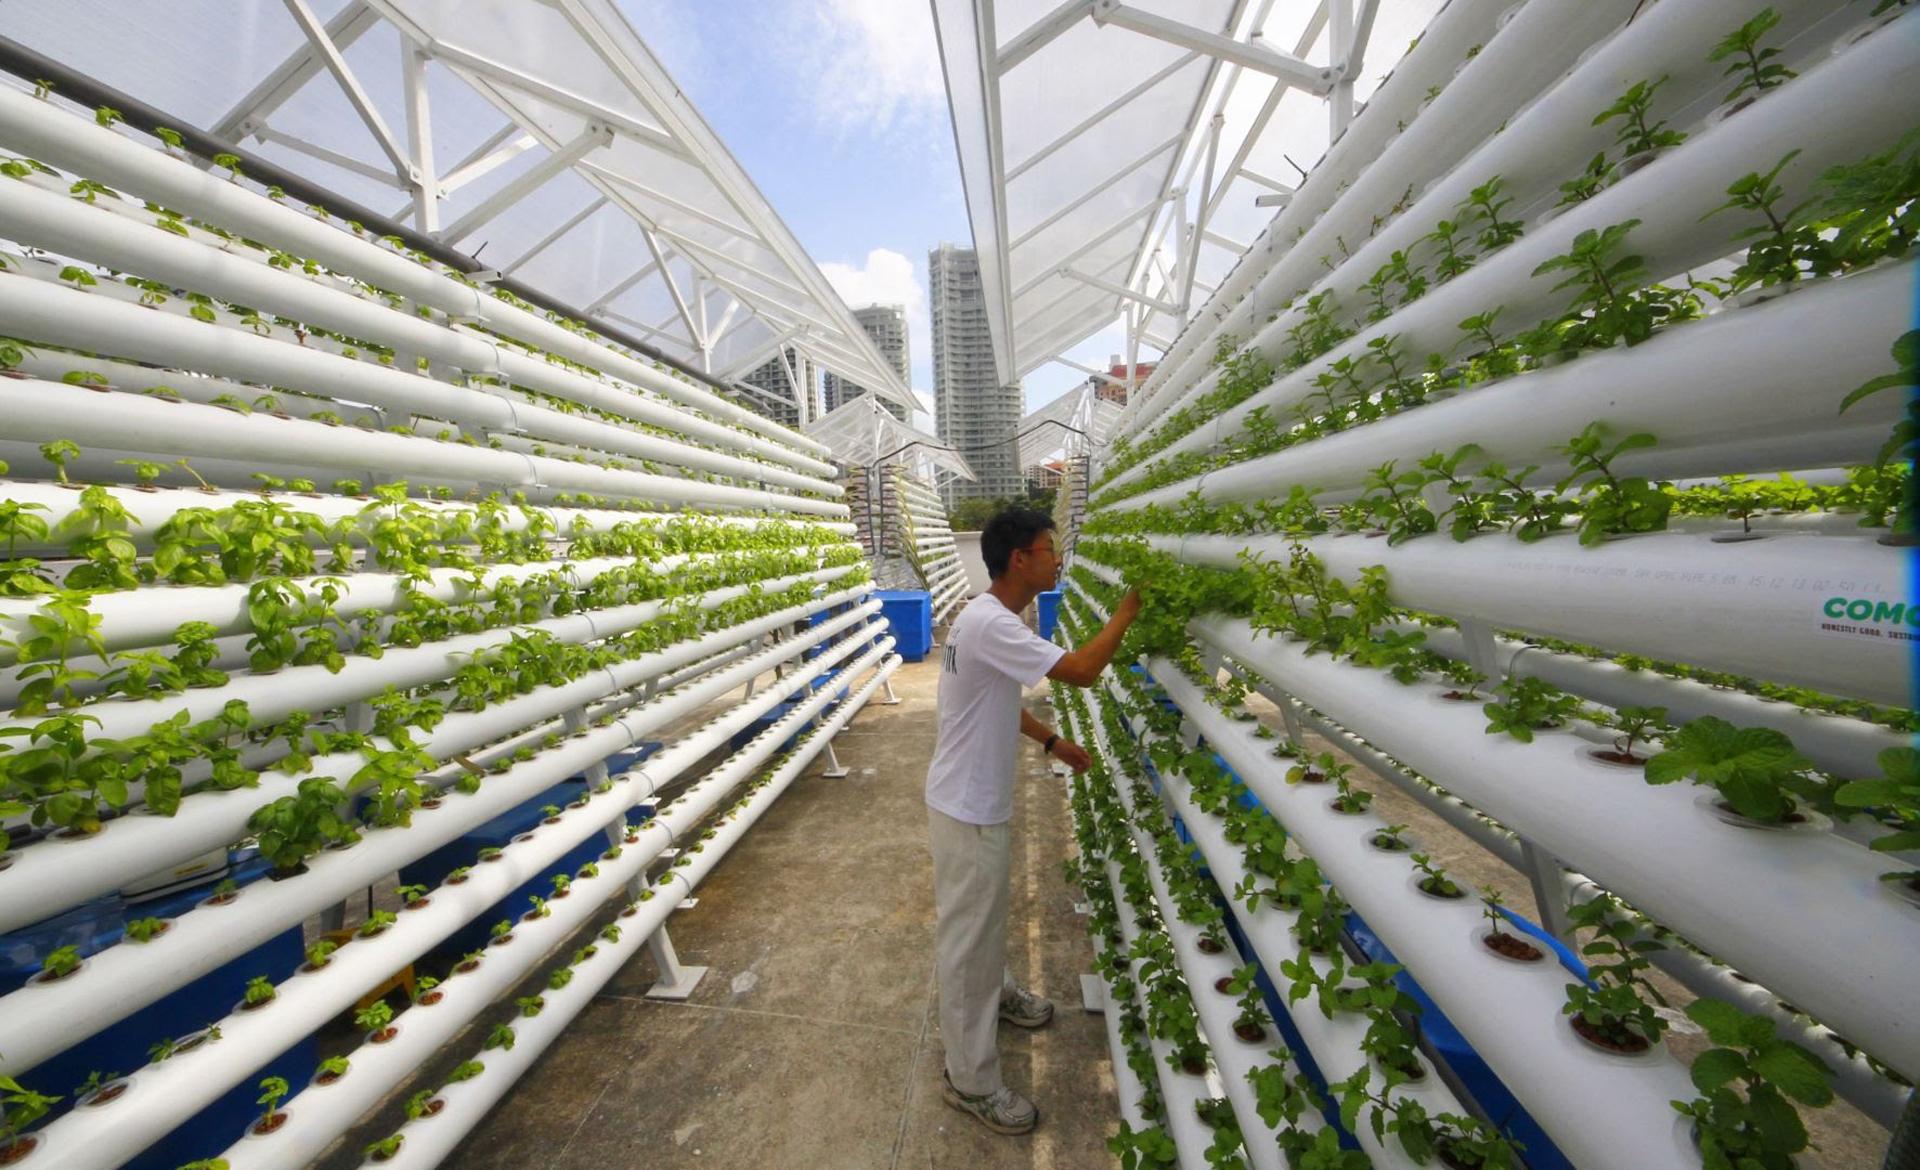 La agricultura urbana en edificios ofrece la posibilidad de otorgar el 15% como mínimo de los suministros básicos de las ciudades más urbanizadas del mundo